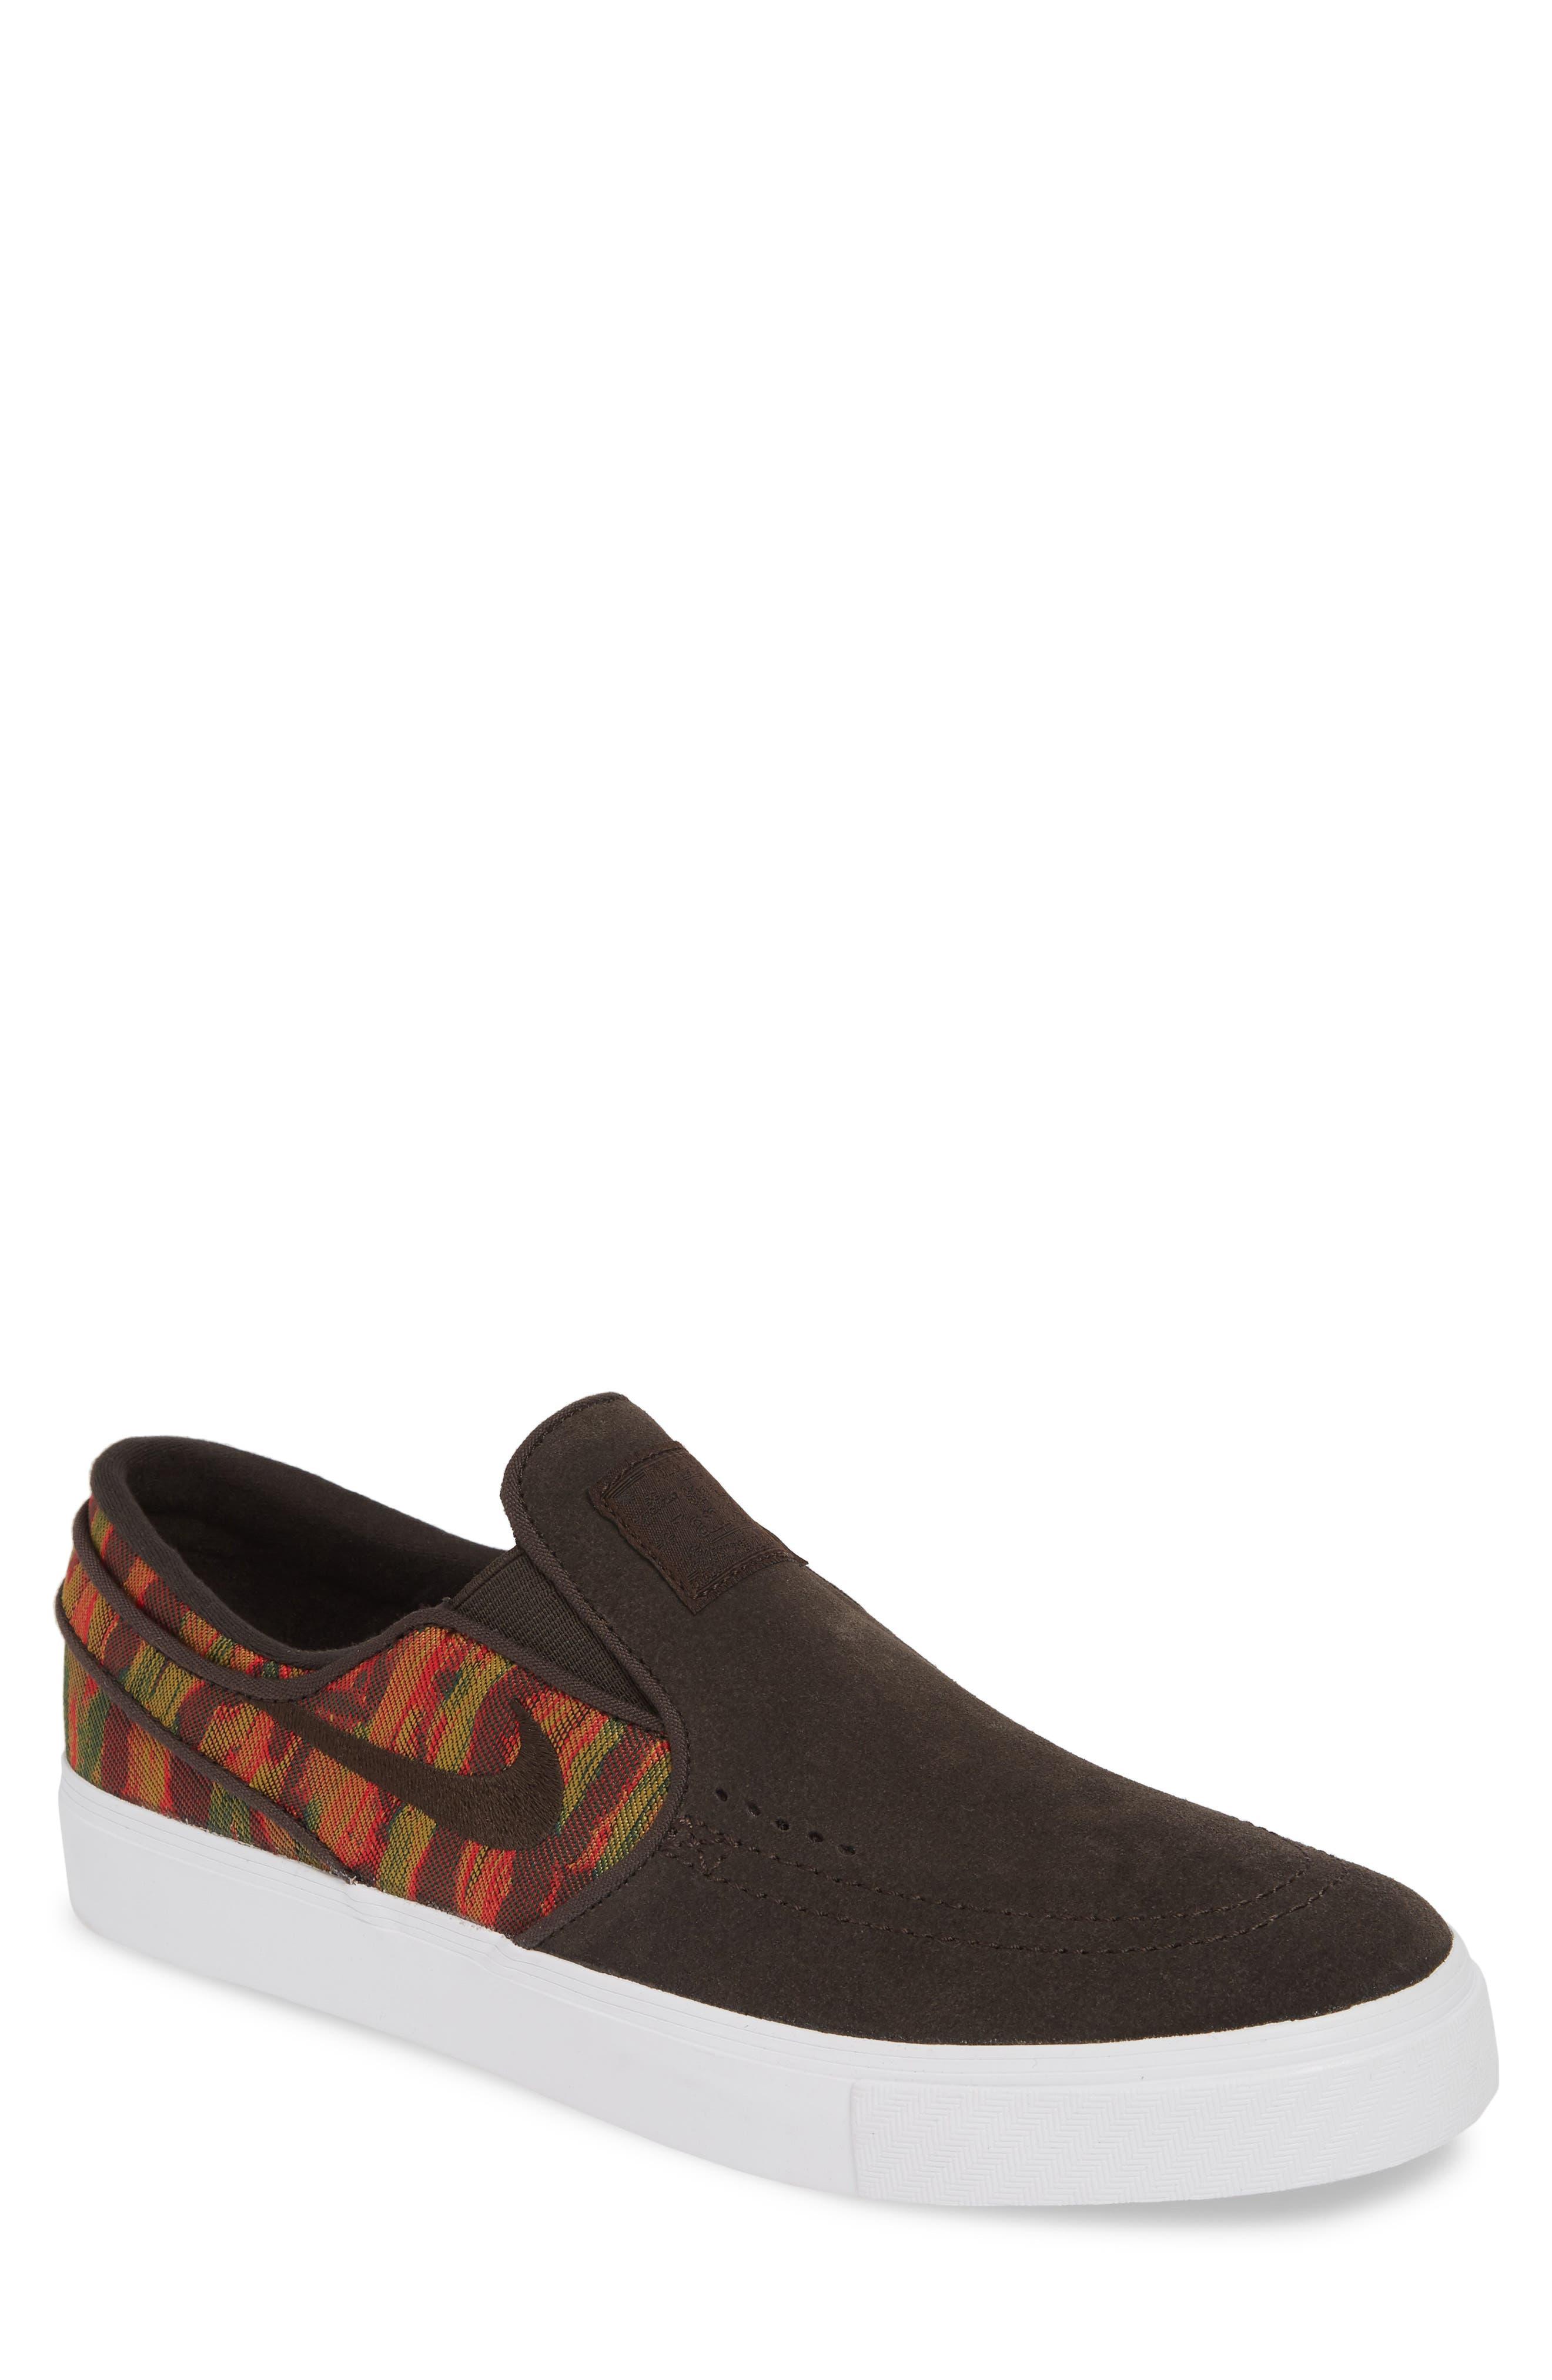 'SB Zoom Stefan Janoski' Slip-On Premium Sneaker, Main, color, 200